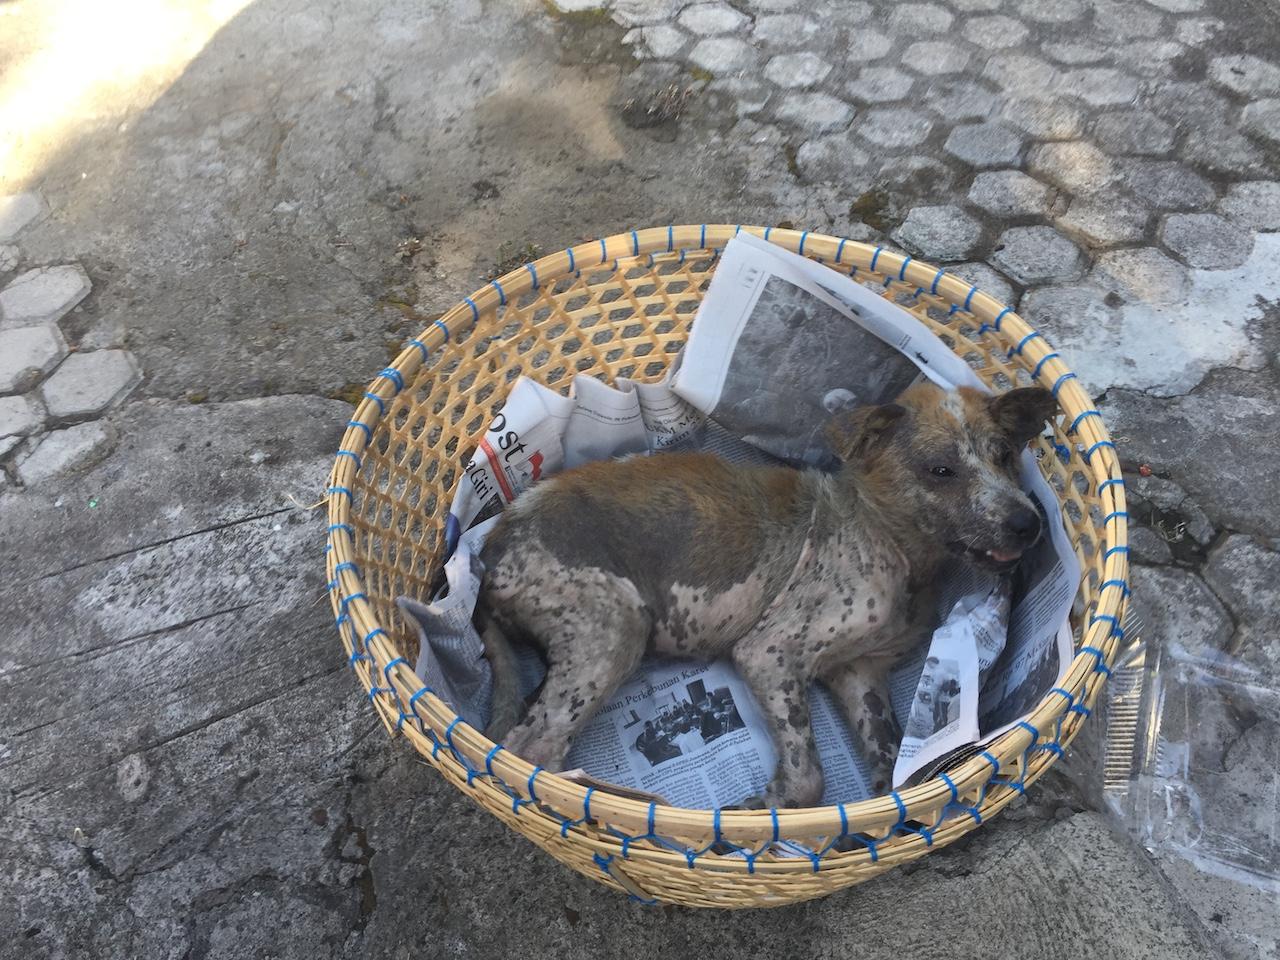 Hund-von-Bali-nach-Deutschland-bringen - Transfer zum Tierarzt